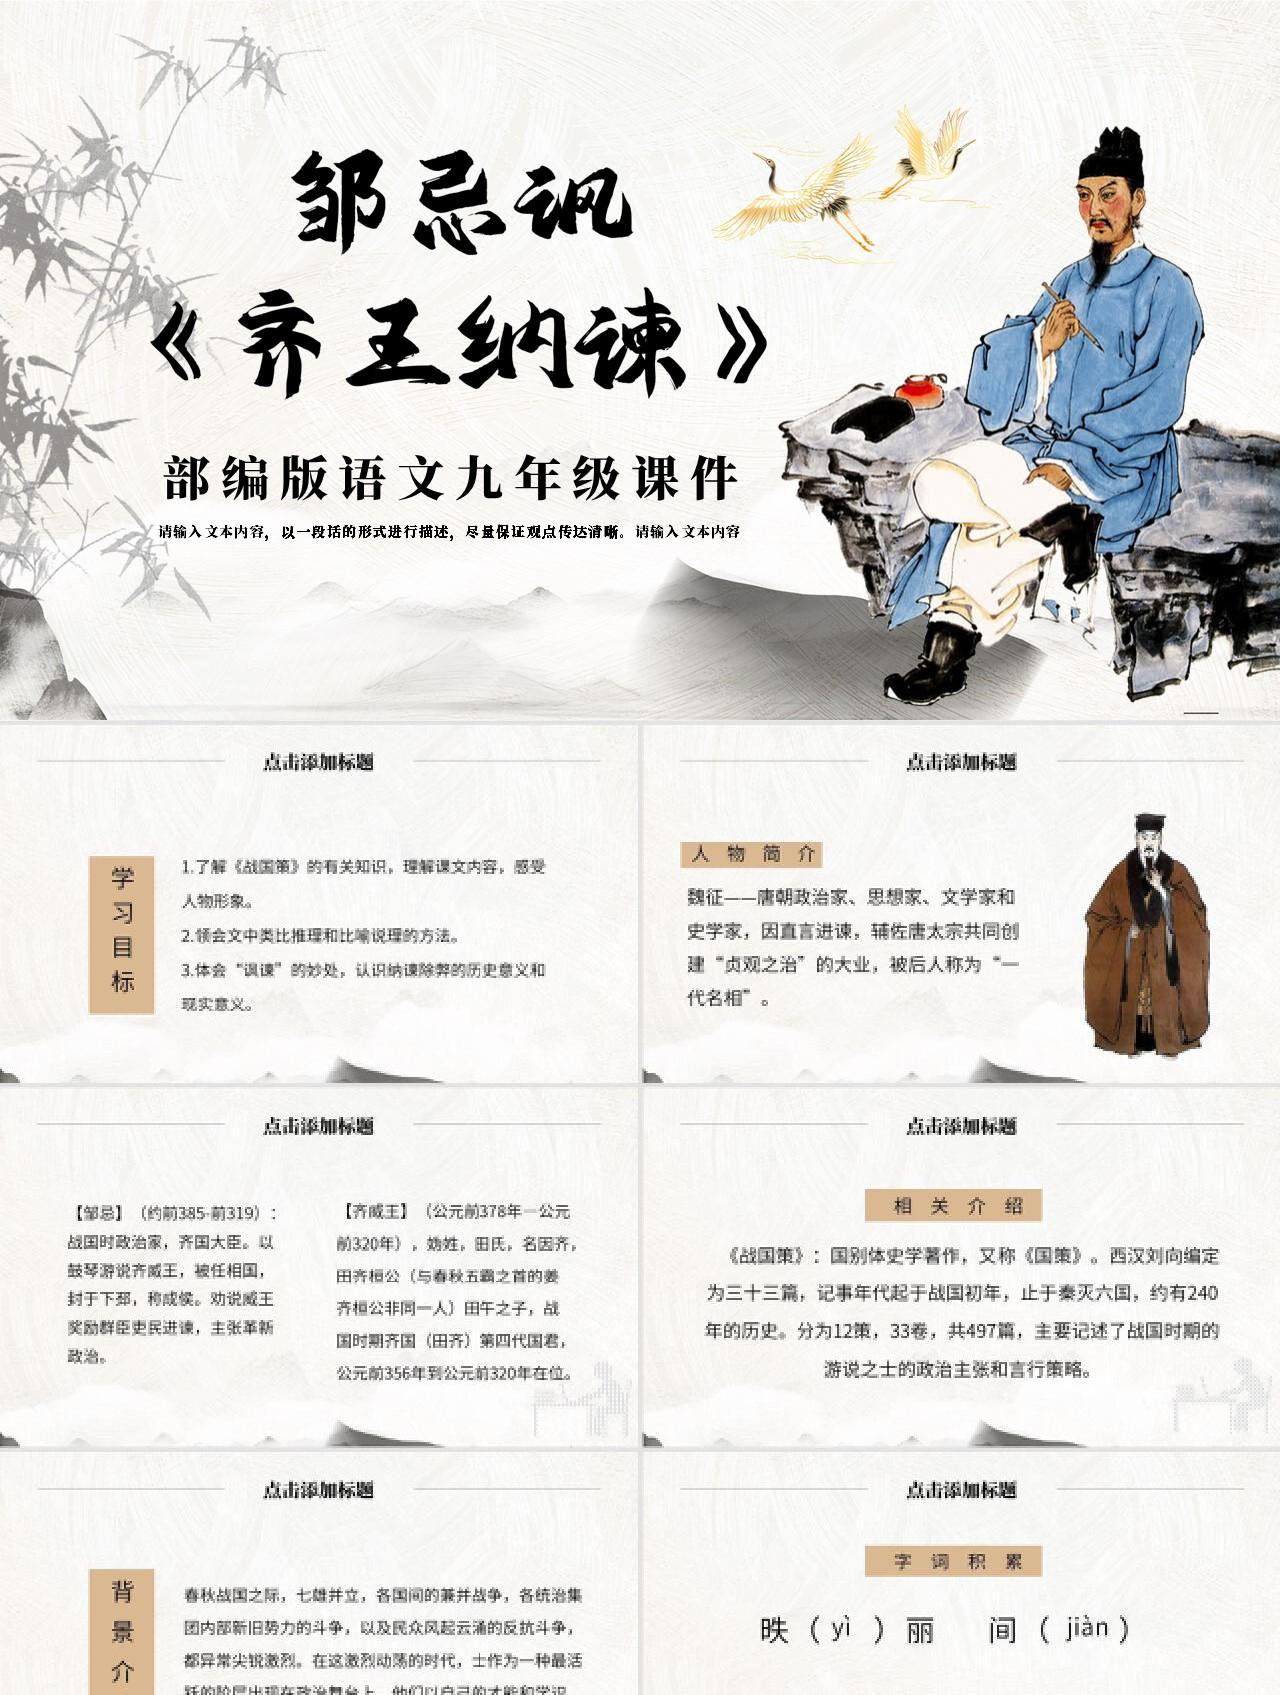 黄棕色部编版邹忌讽齐王纳谏九年级语文课件PPT模板